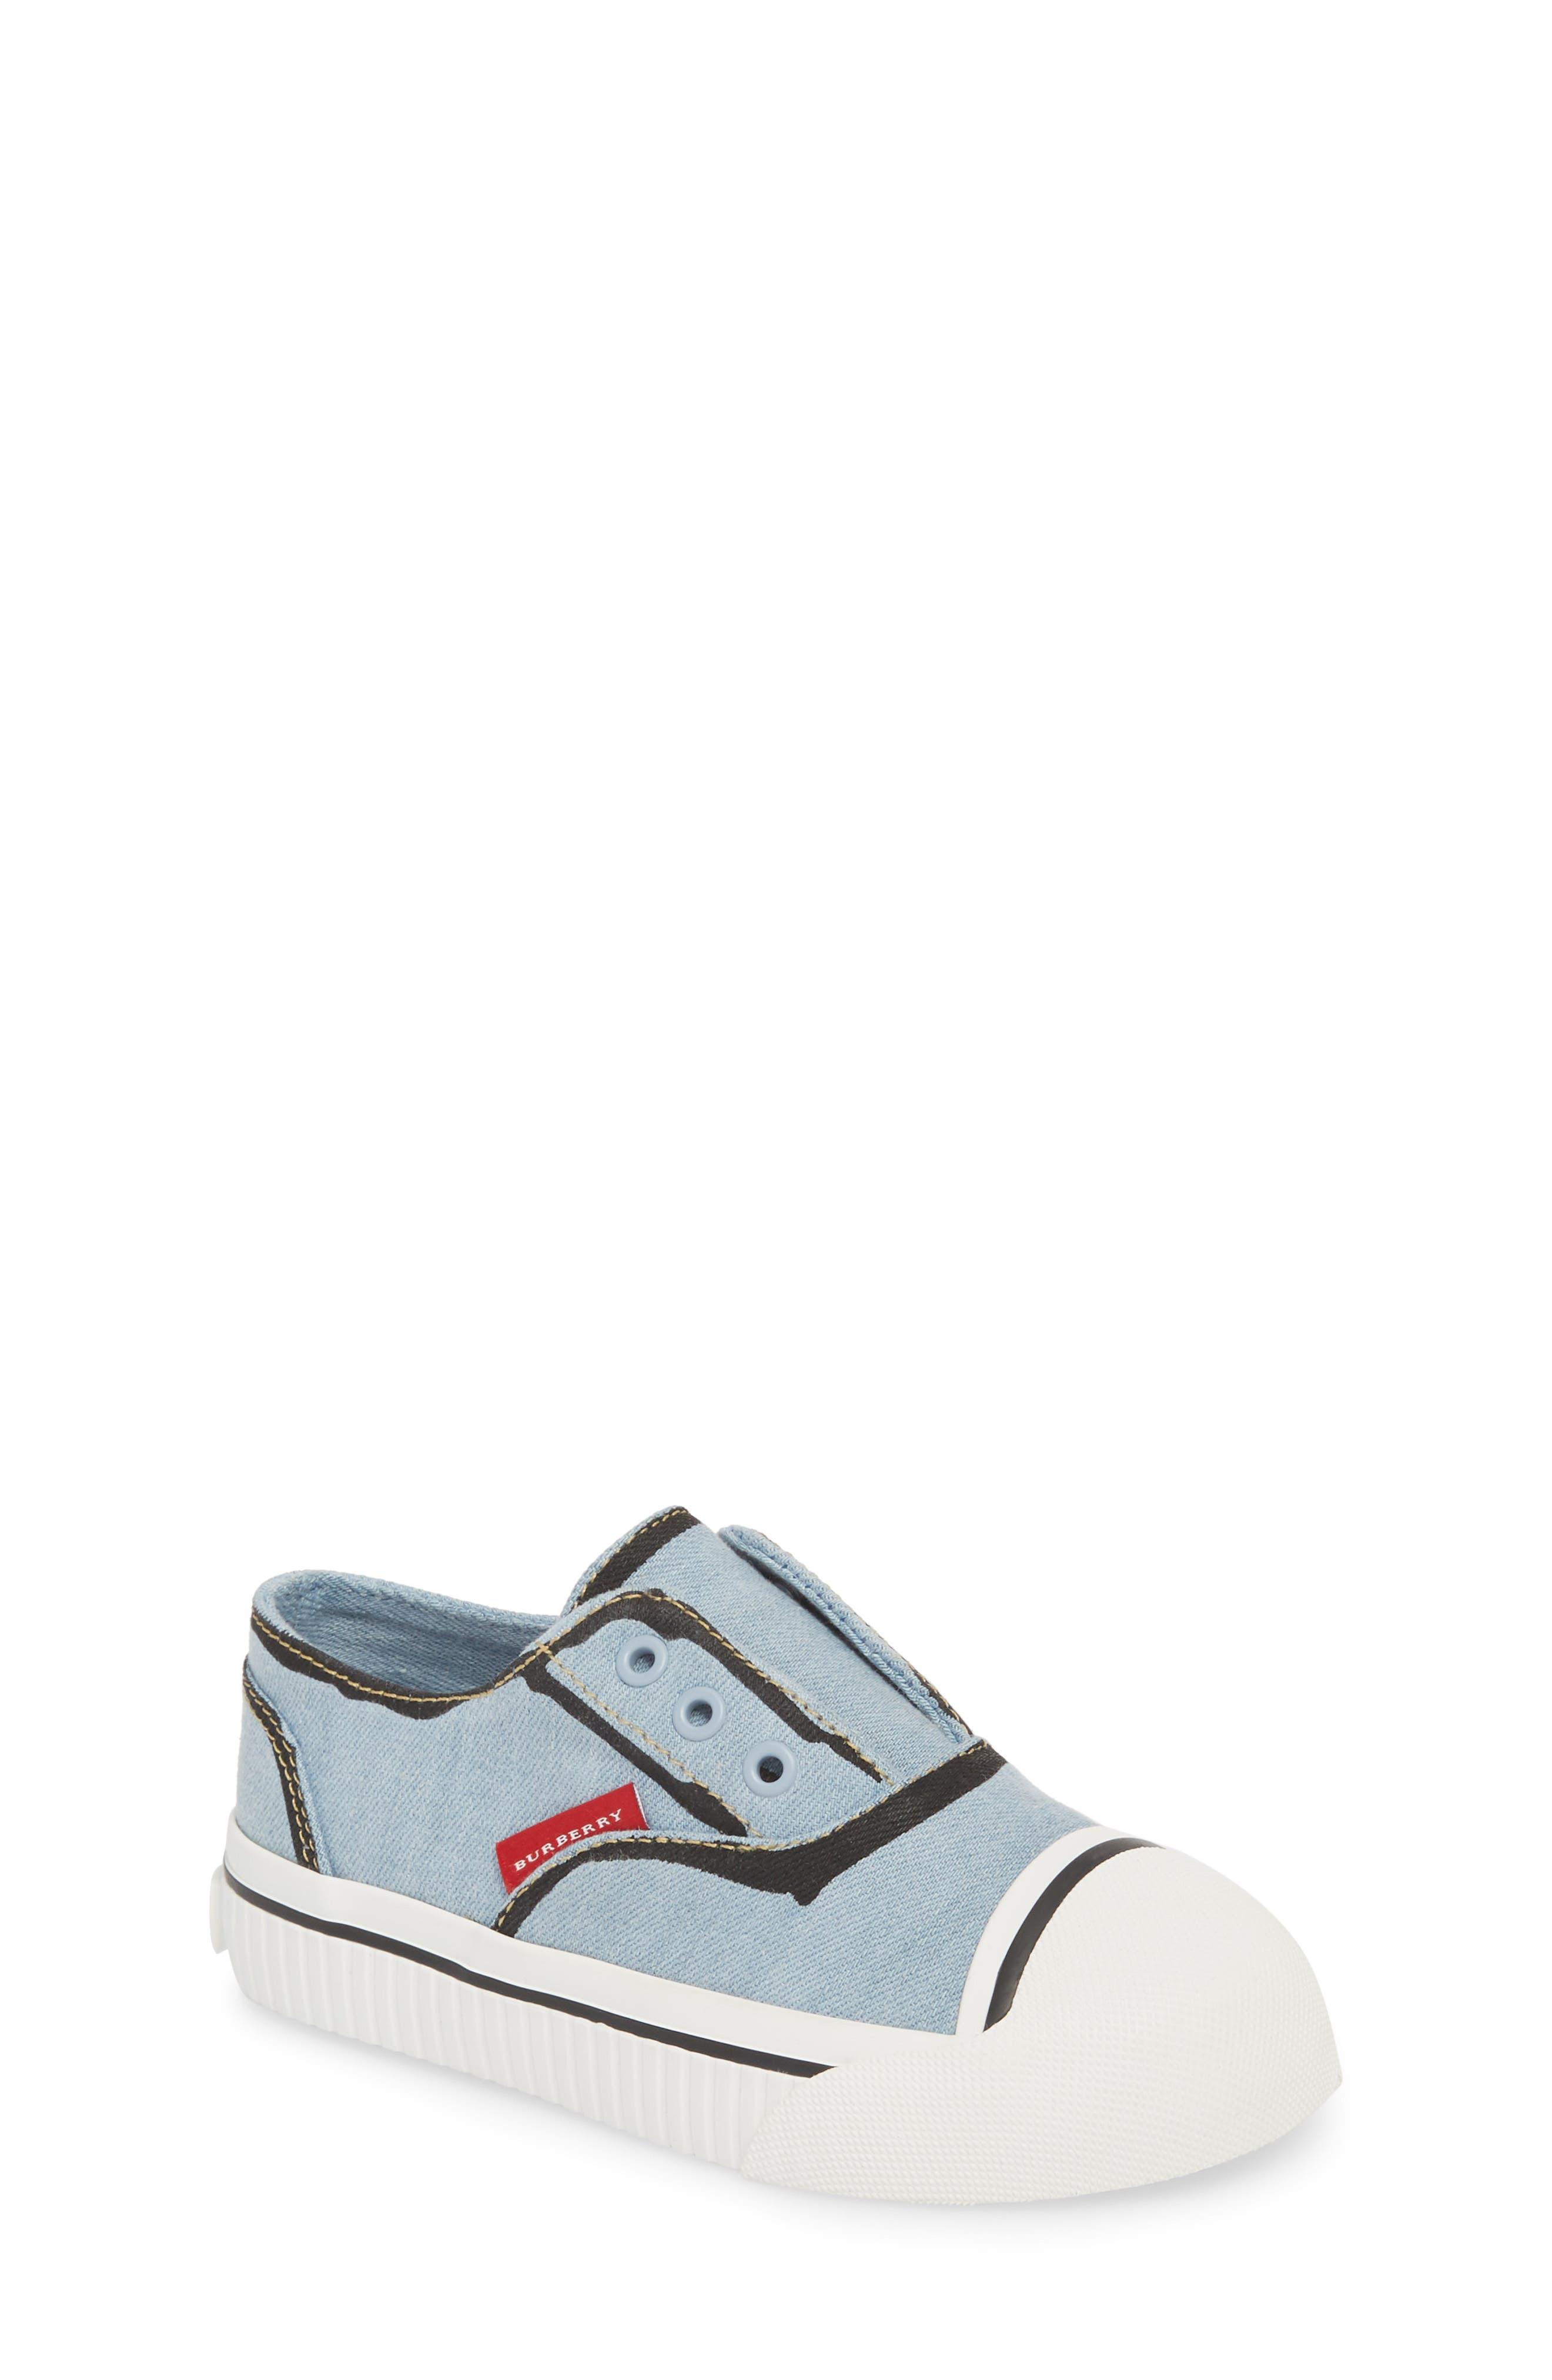 Alternate Image 1 Selected - Burberry Lipton Slip-On Sneaker (Walker & Toddler)